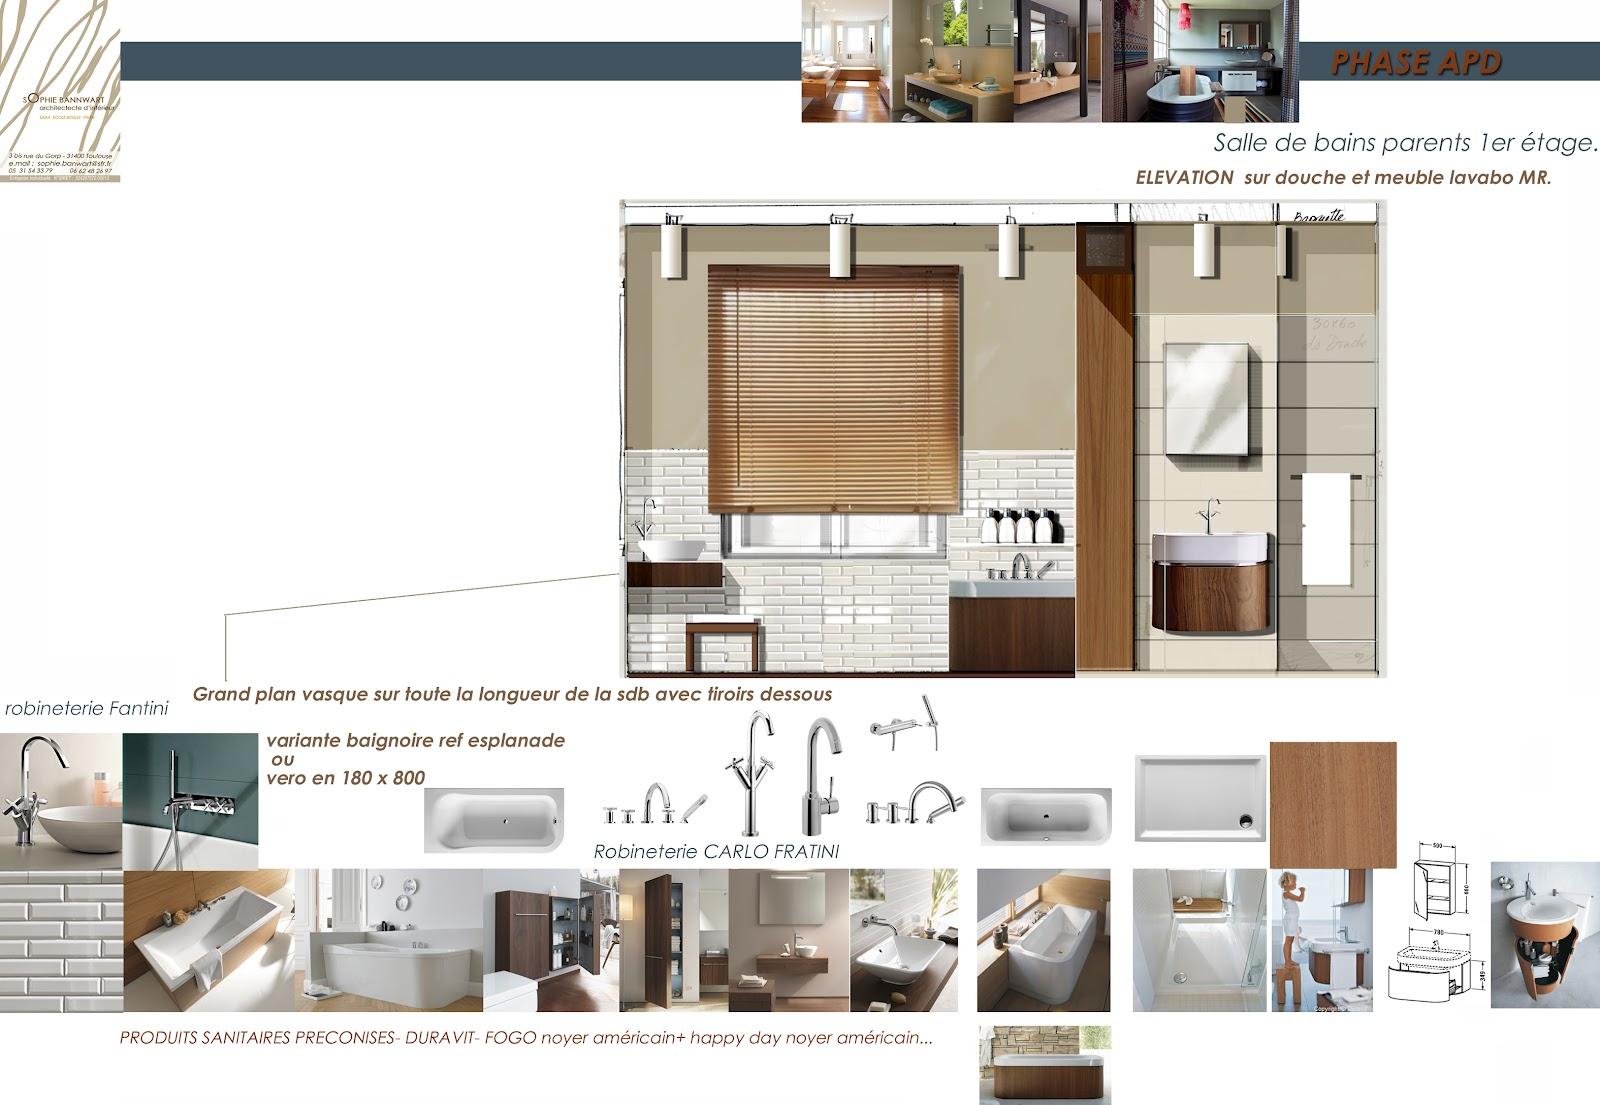 Sophie bannwart architecte d 39 int rieur for Etude architecte d interieur